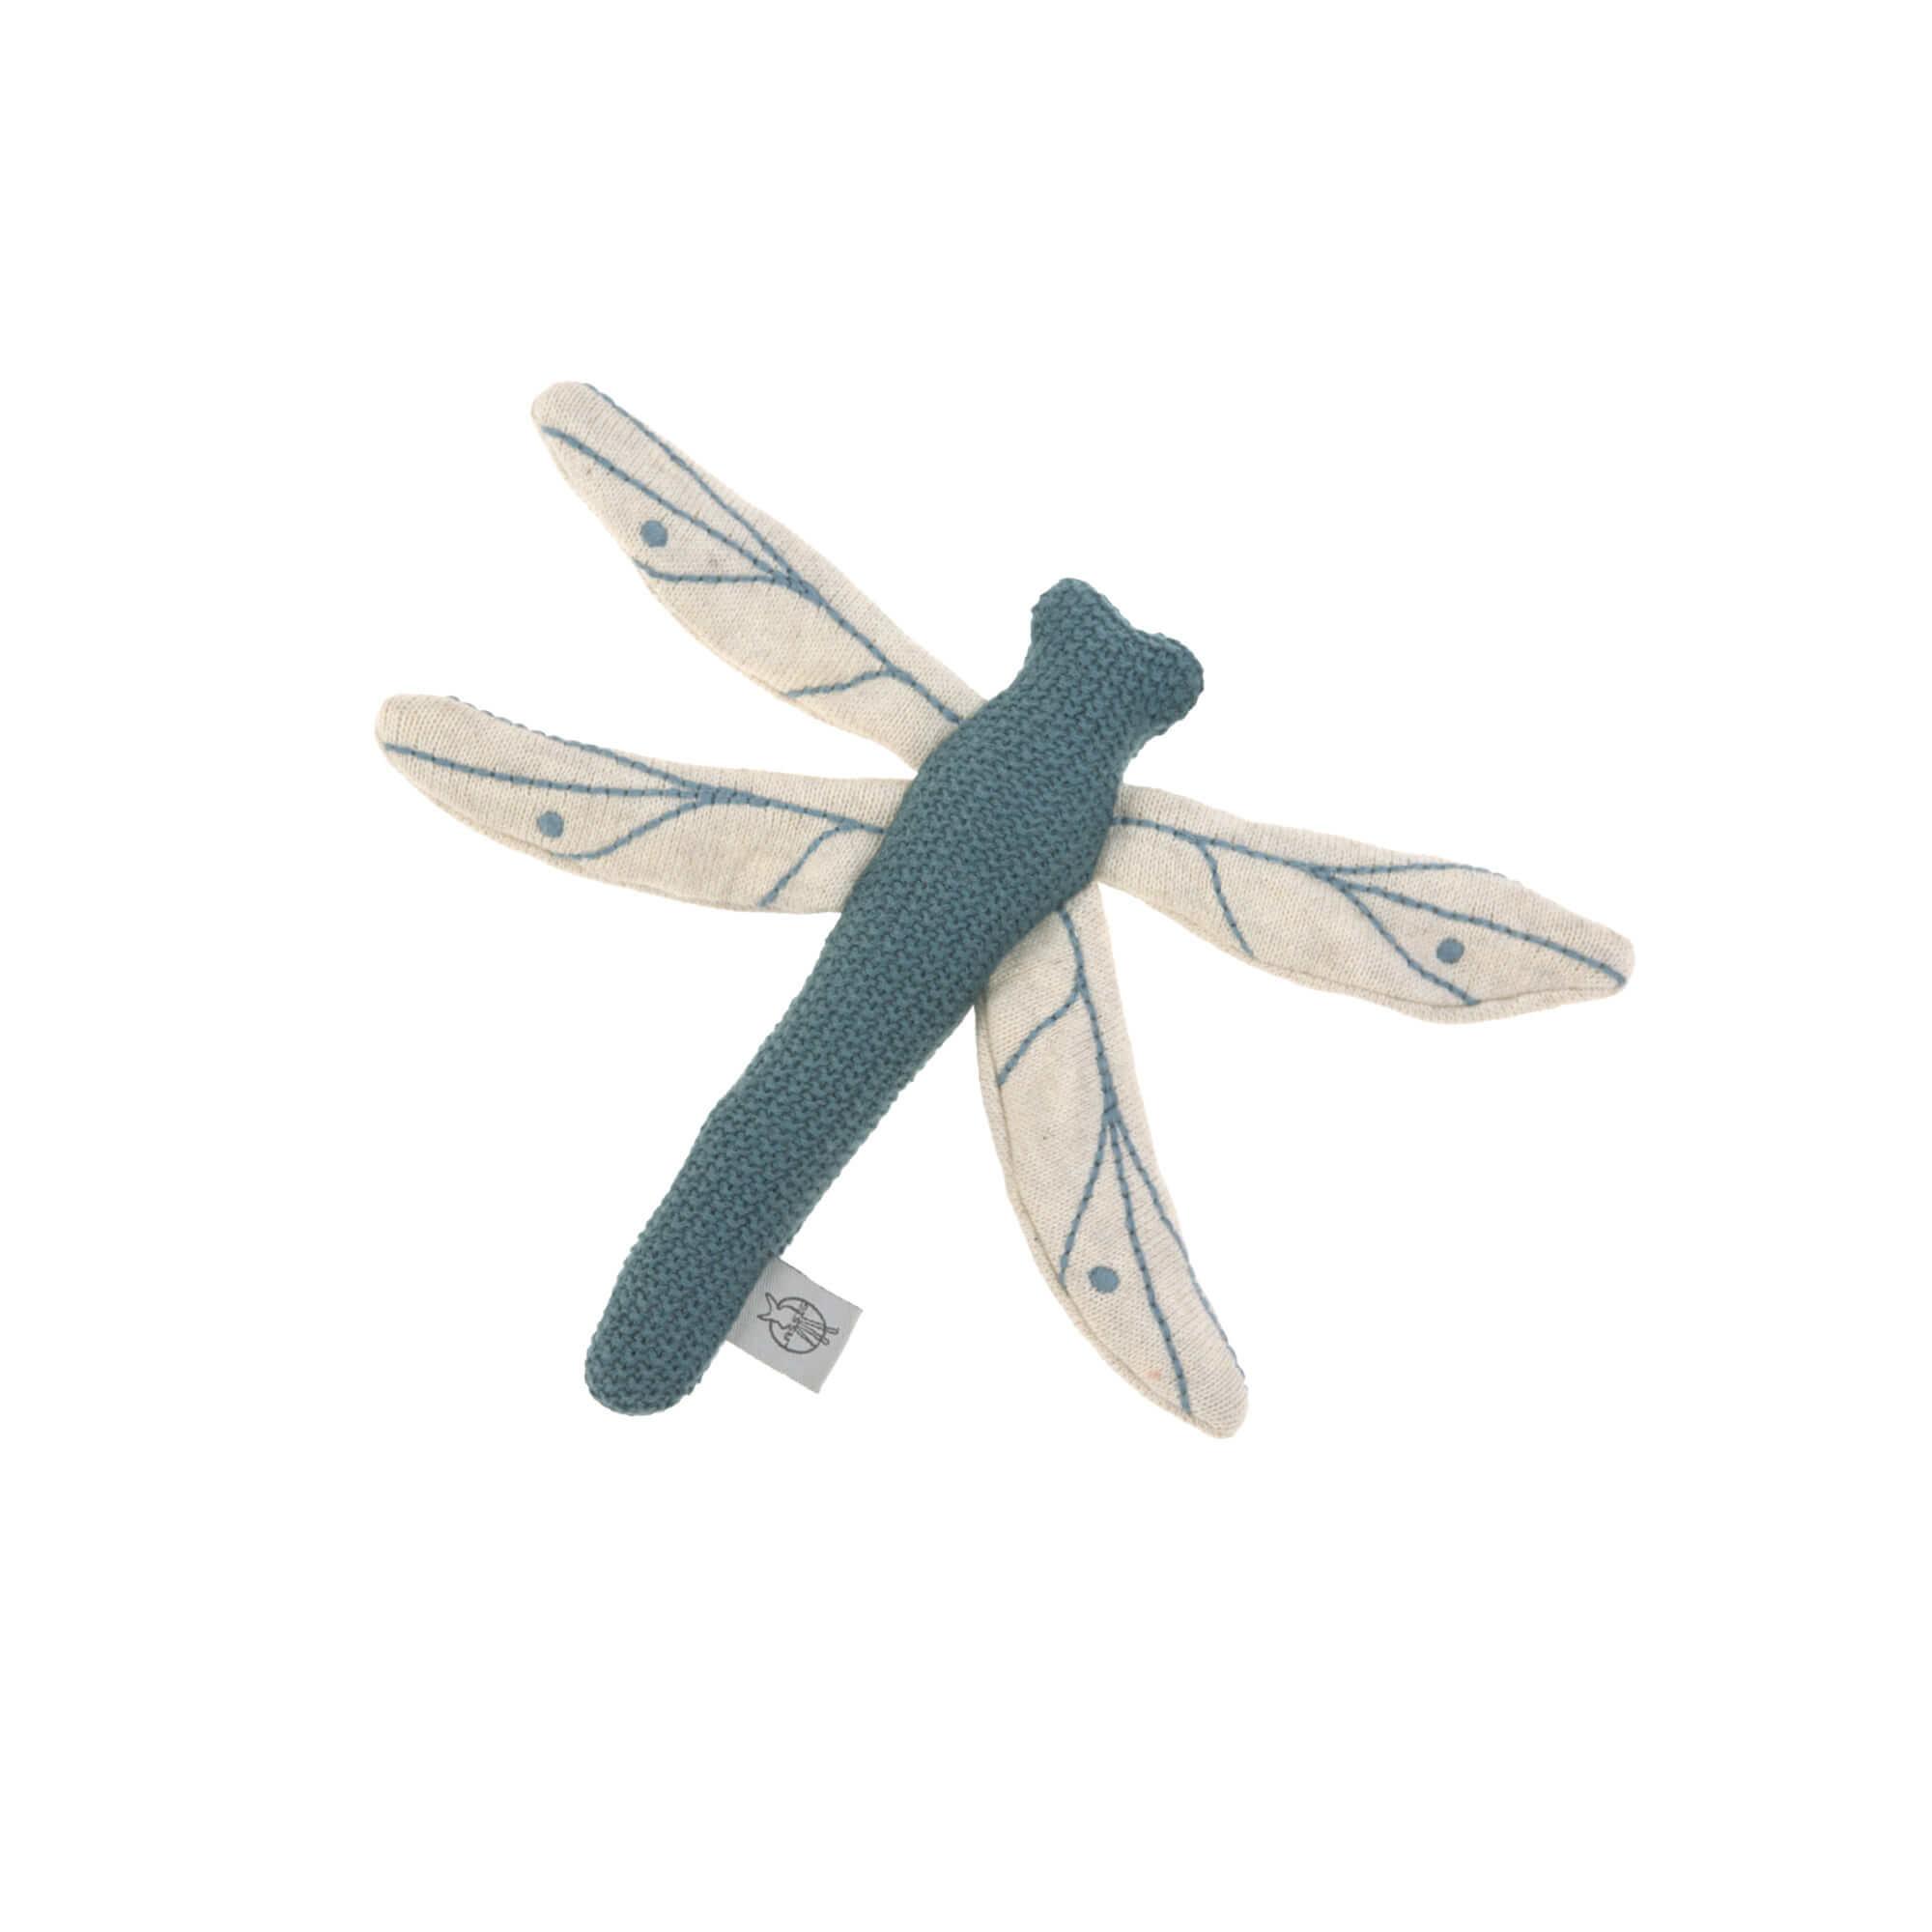 Lässig gebreid speeltje en knuffel met rammelaar knetter Garden Explorer Dragonfly blue